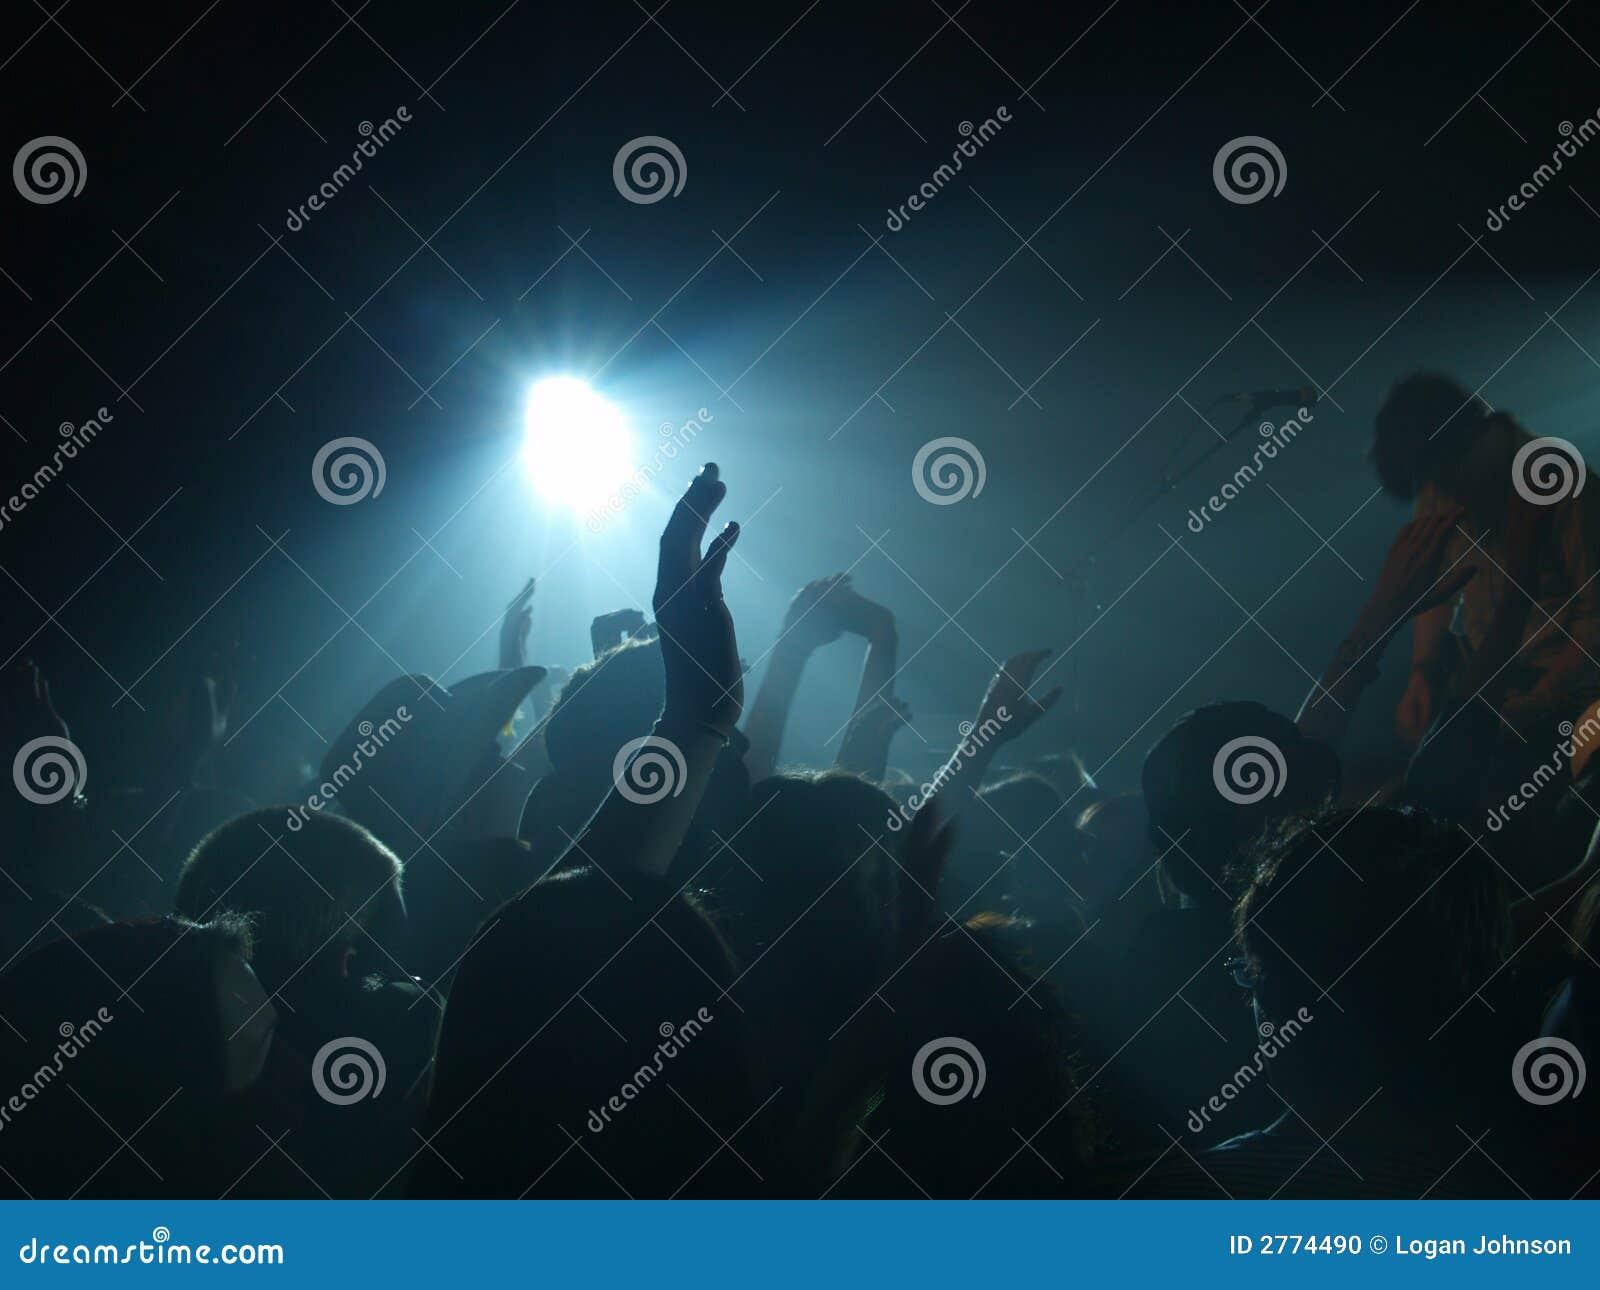 Elevation Worship stock photo  Image of praise, music - 2774490